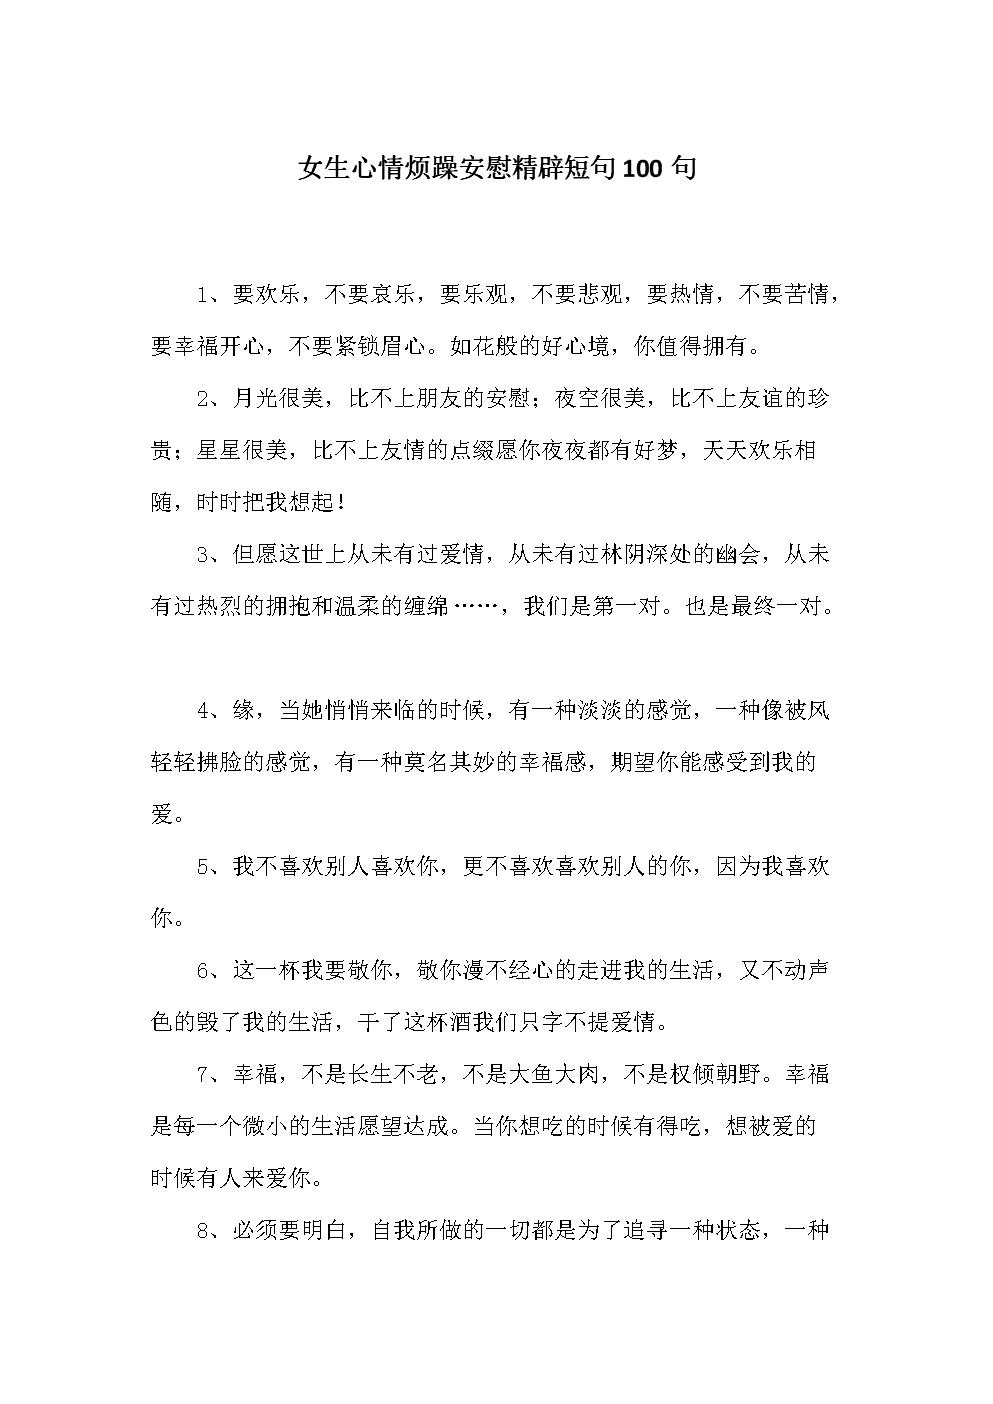 女生心情烦躁安慰精辟短句100句.docx